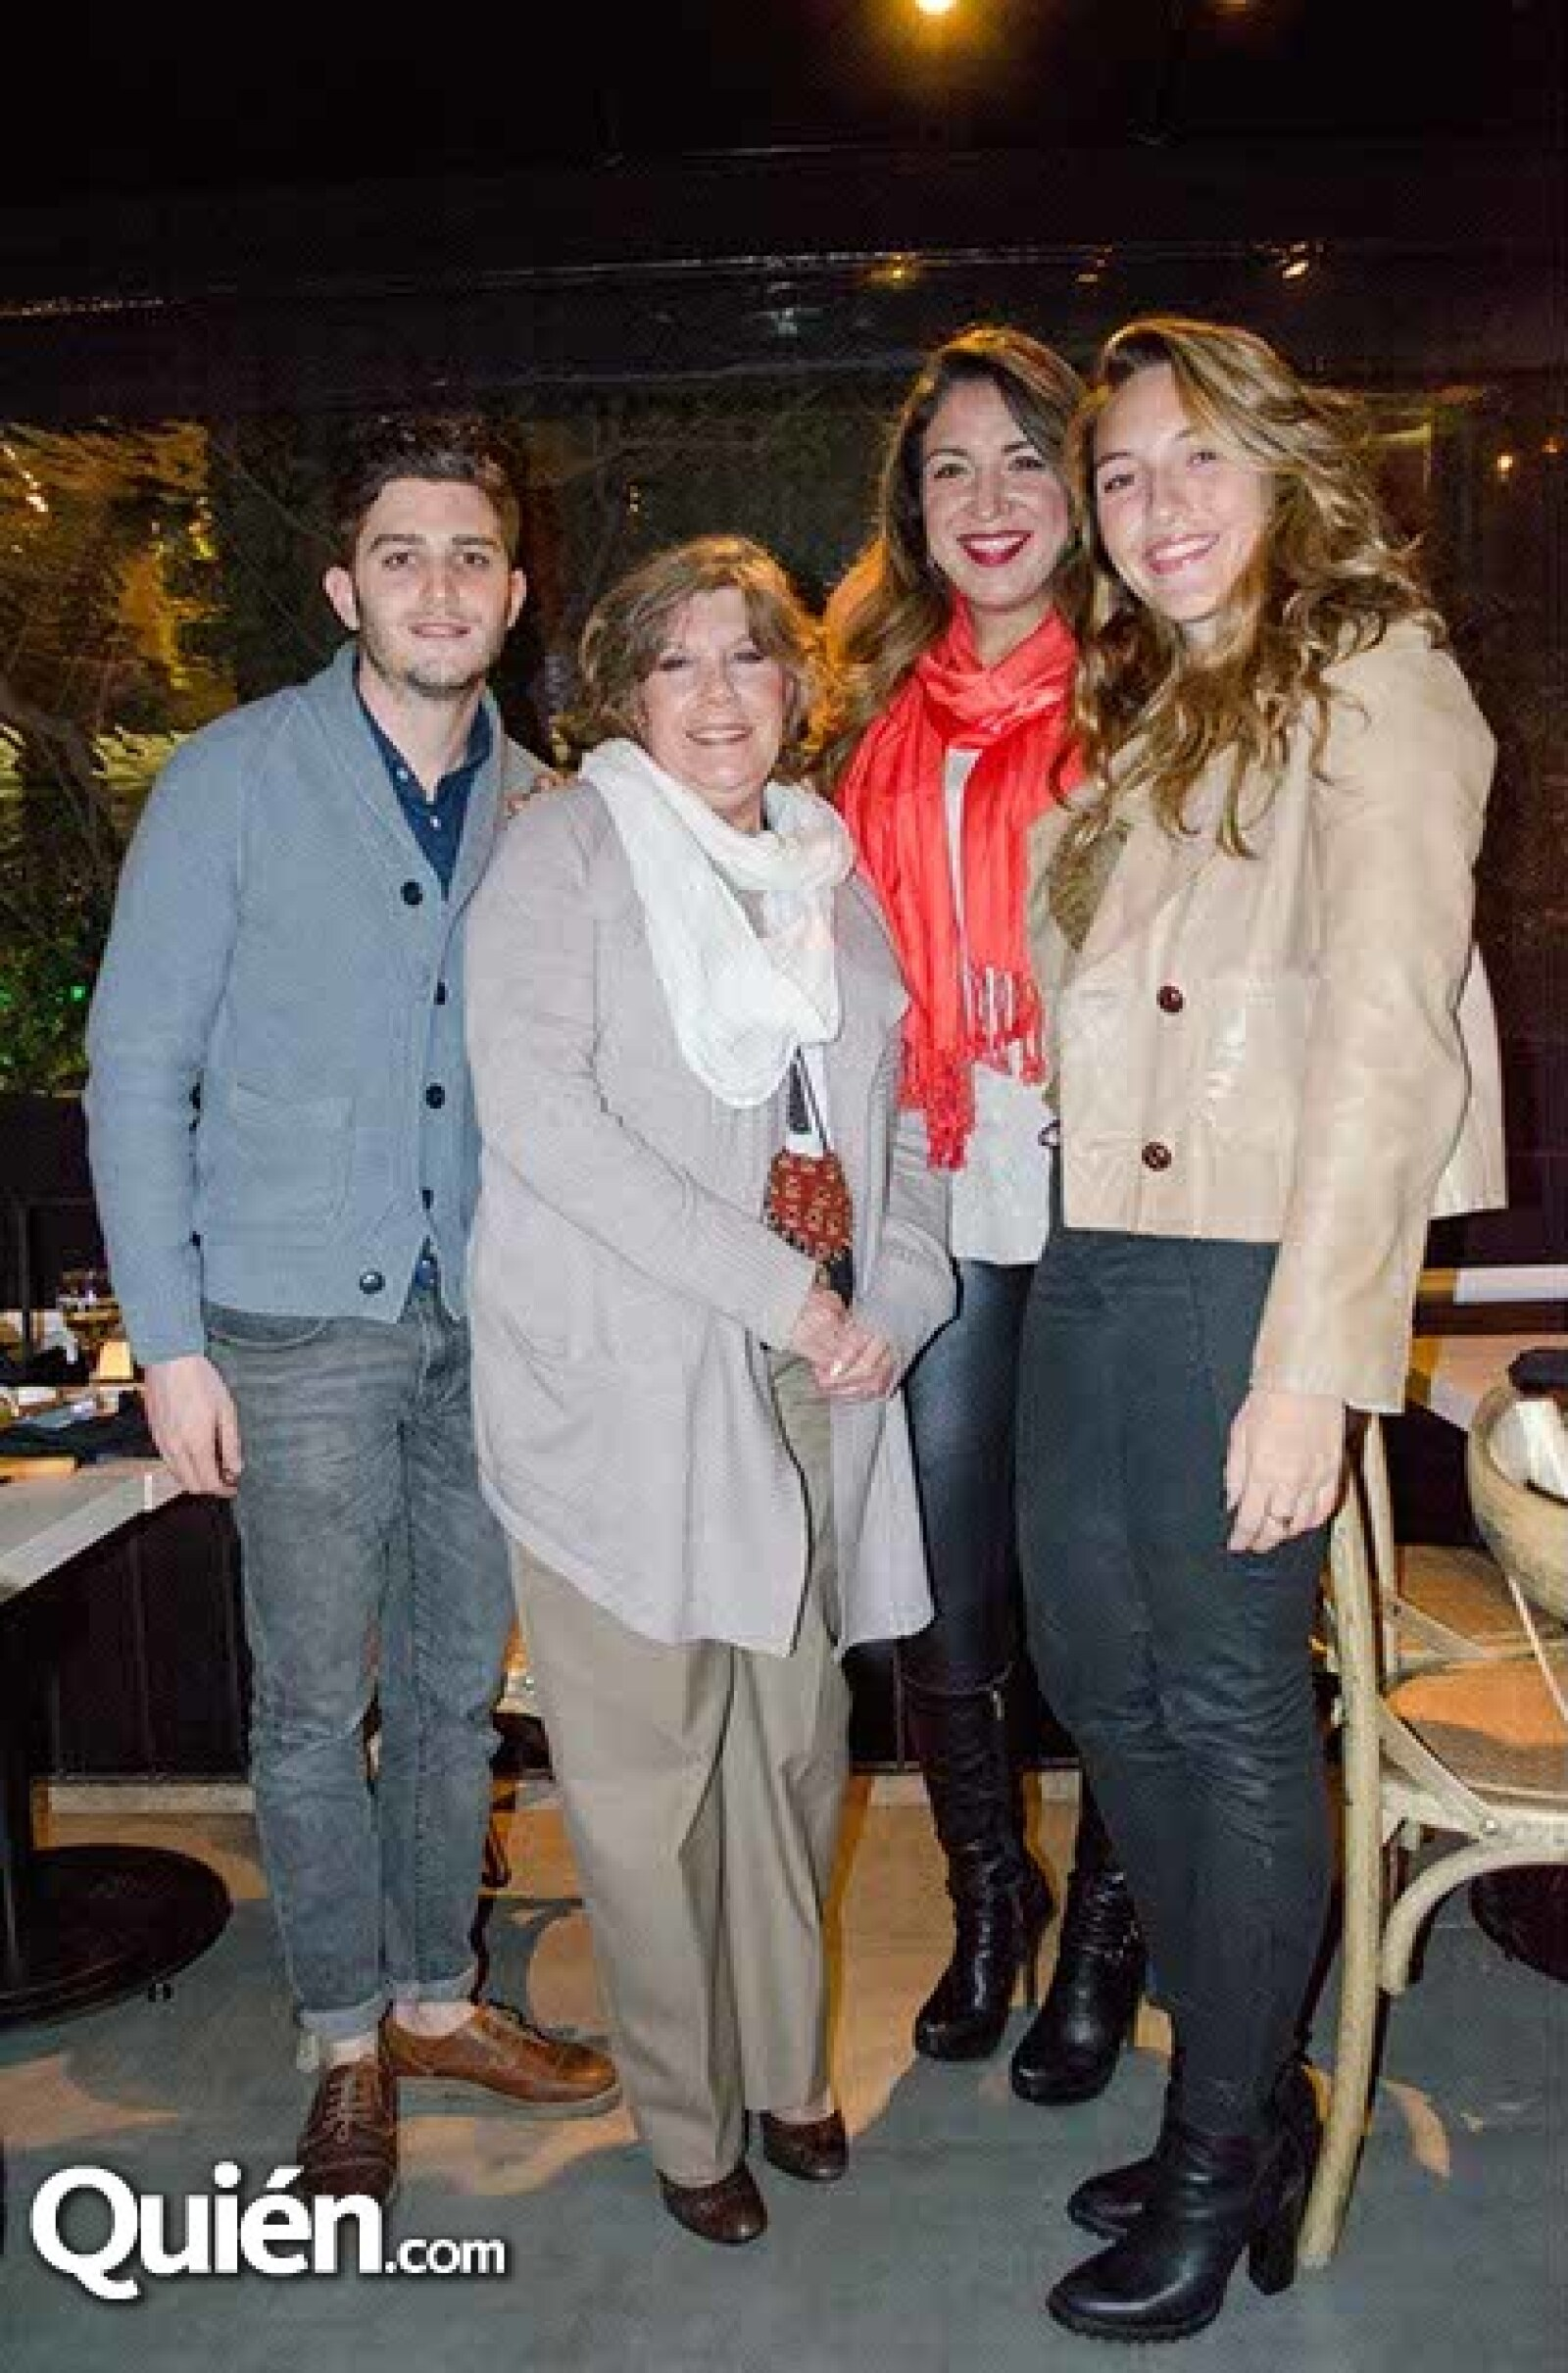 José Schnaider,María Laura Salazar,Daniela Riquelme y Thelma Moreno